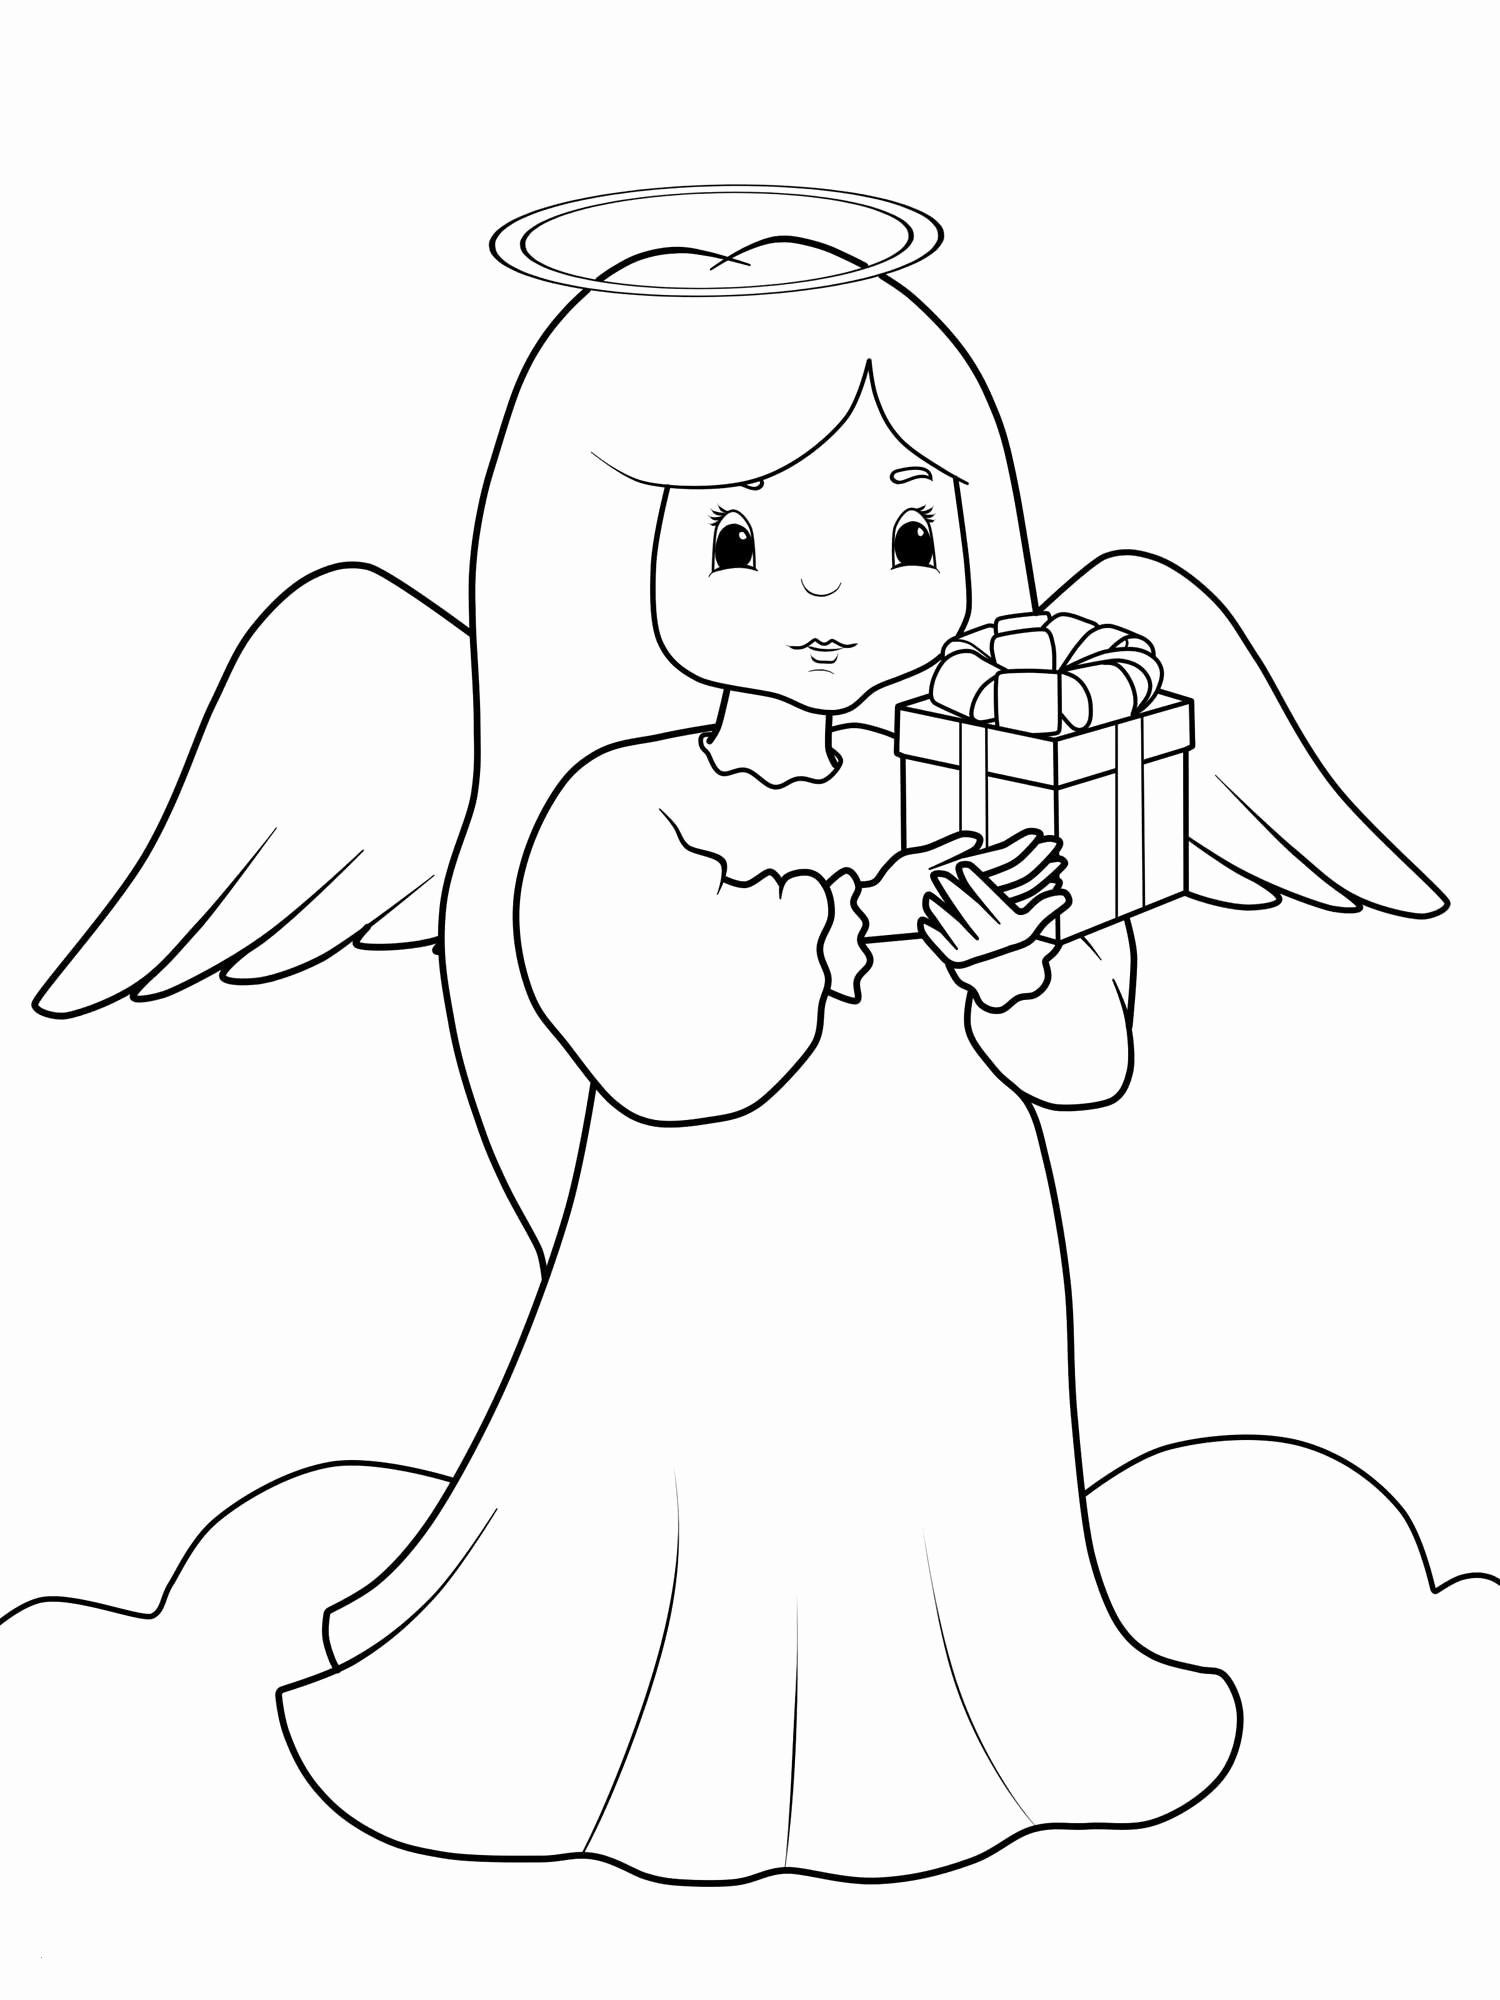 Ausmalbilder Weihnachten Engel Inspirierend 40 Ausmalbilder Ostereier Scoredatscore Neu Engel Ausmalbilder Bilder